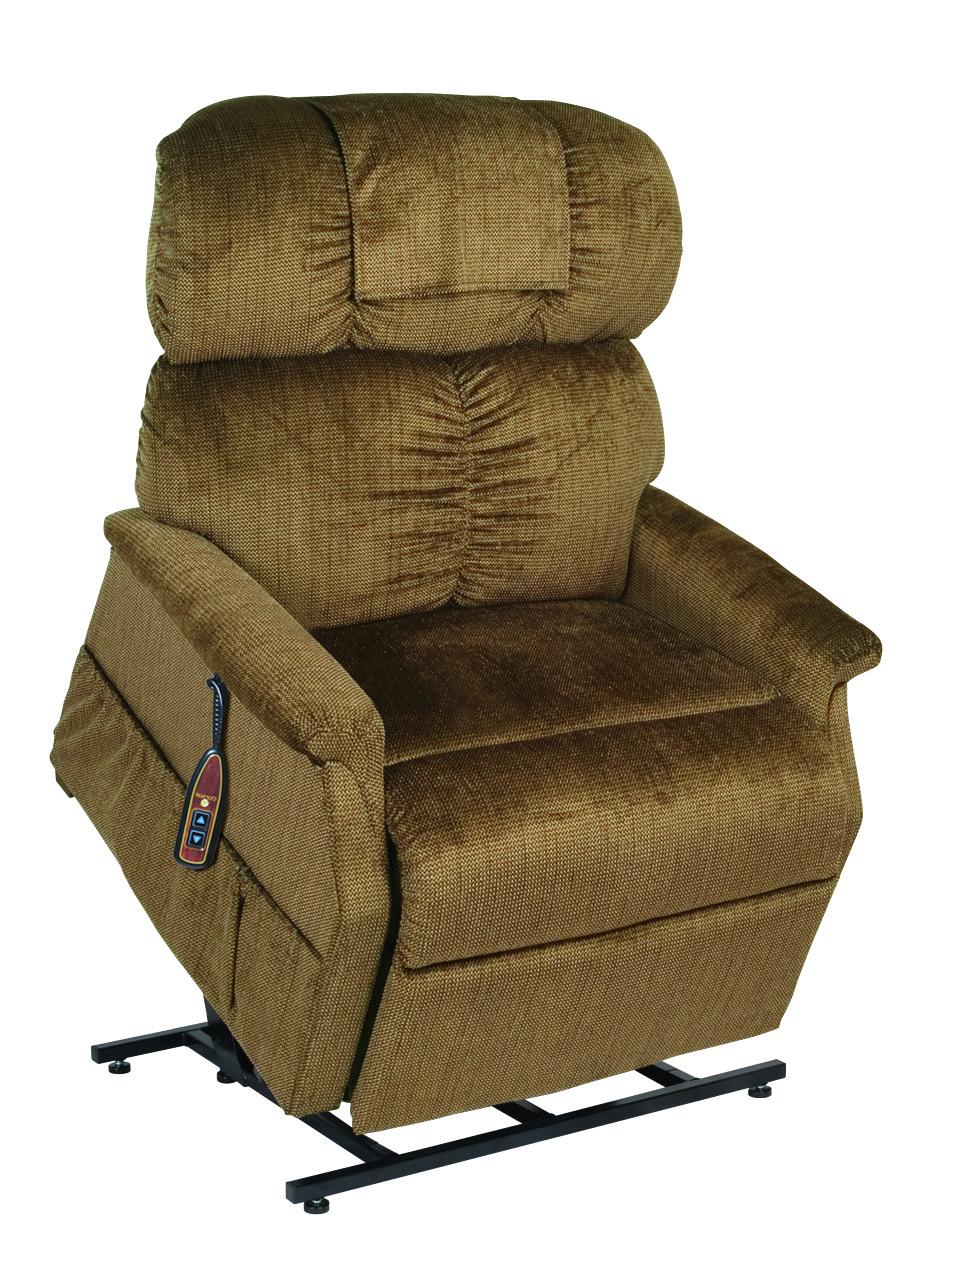 Golden Comforter Medium 26 Wide w/ Dual Motors